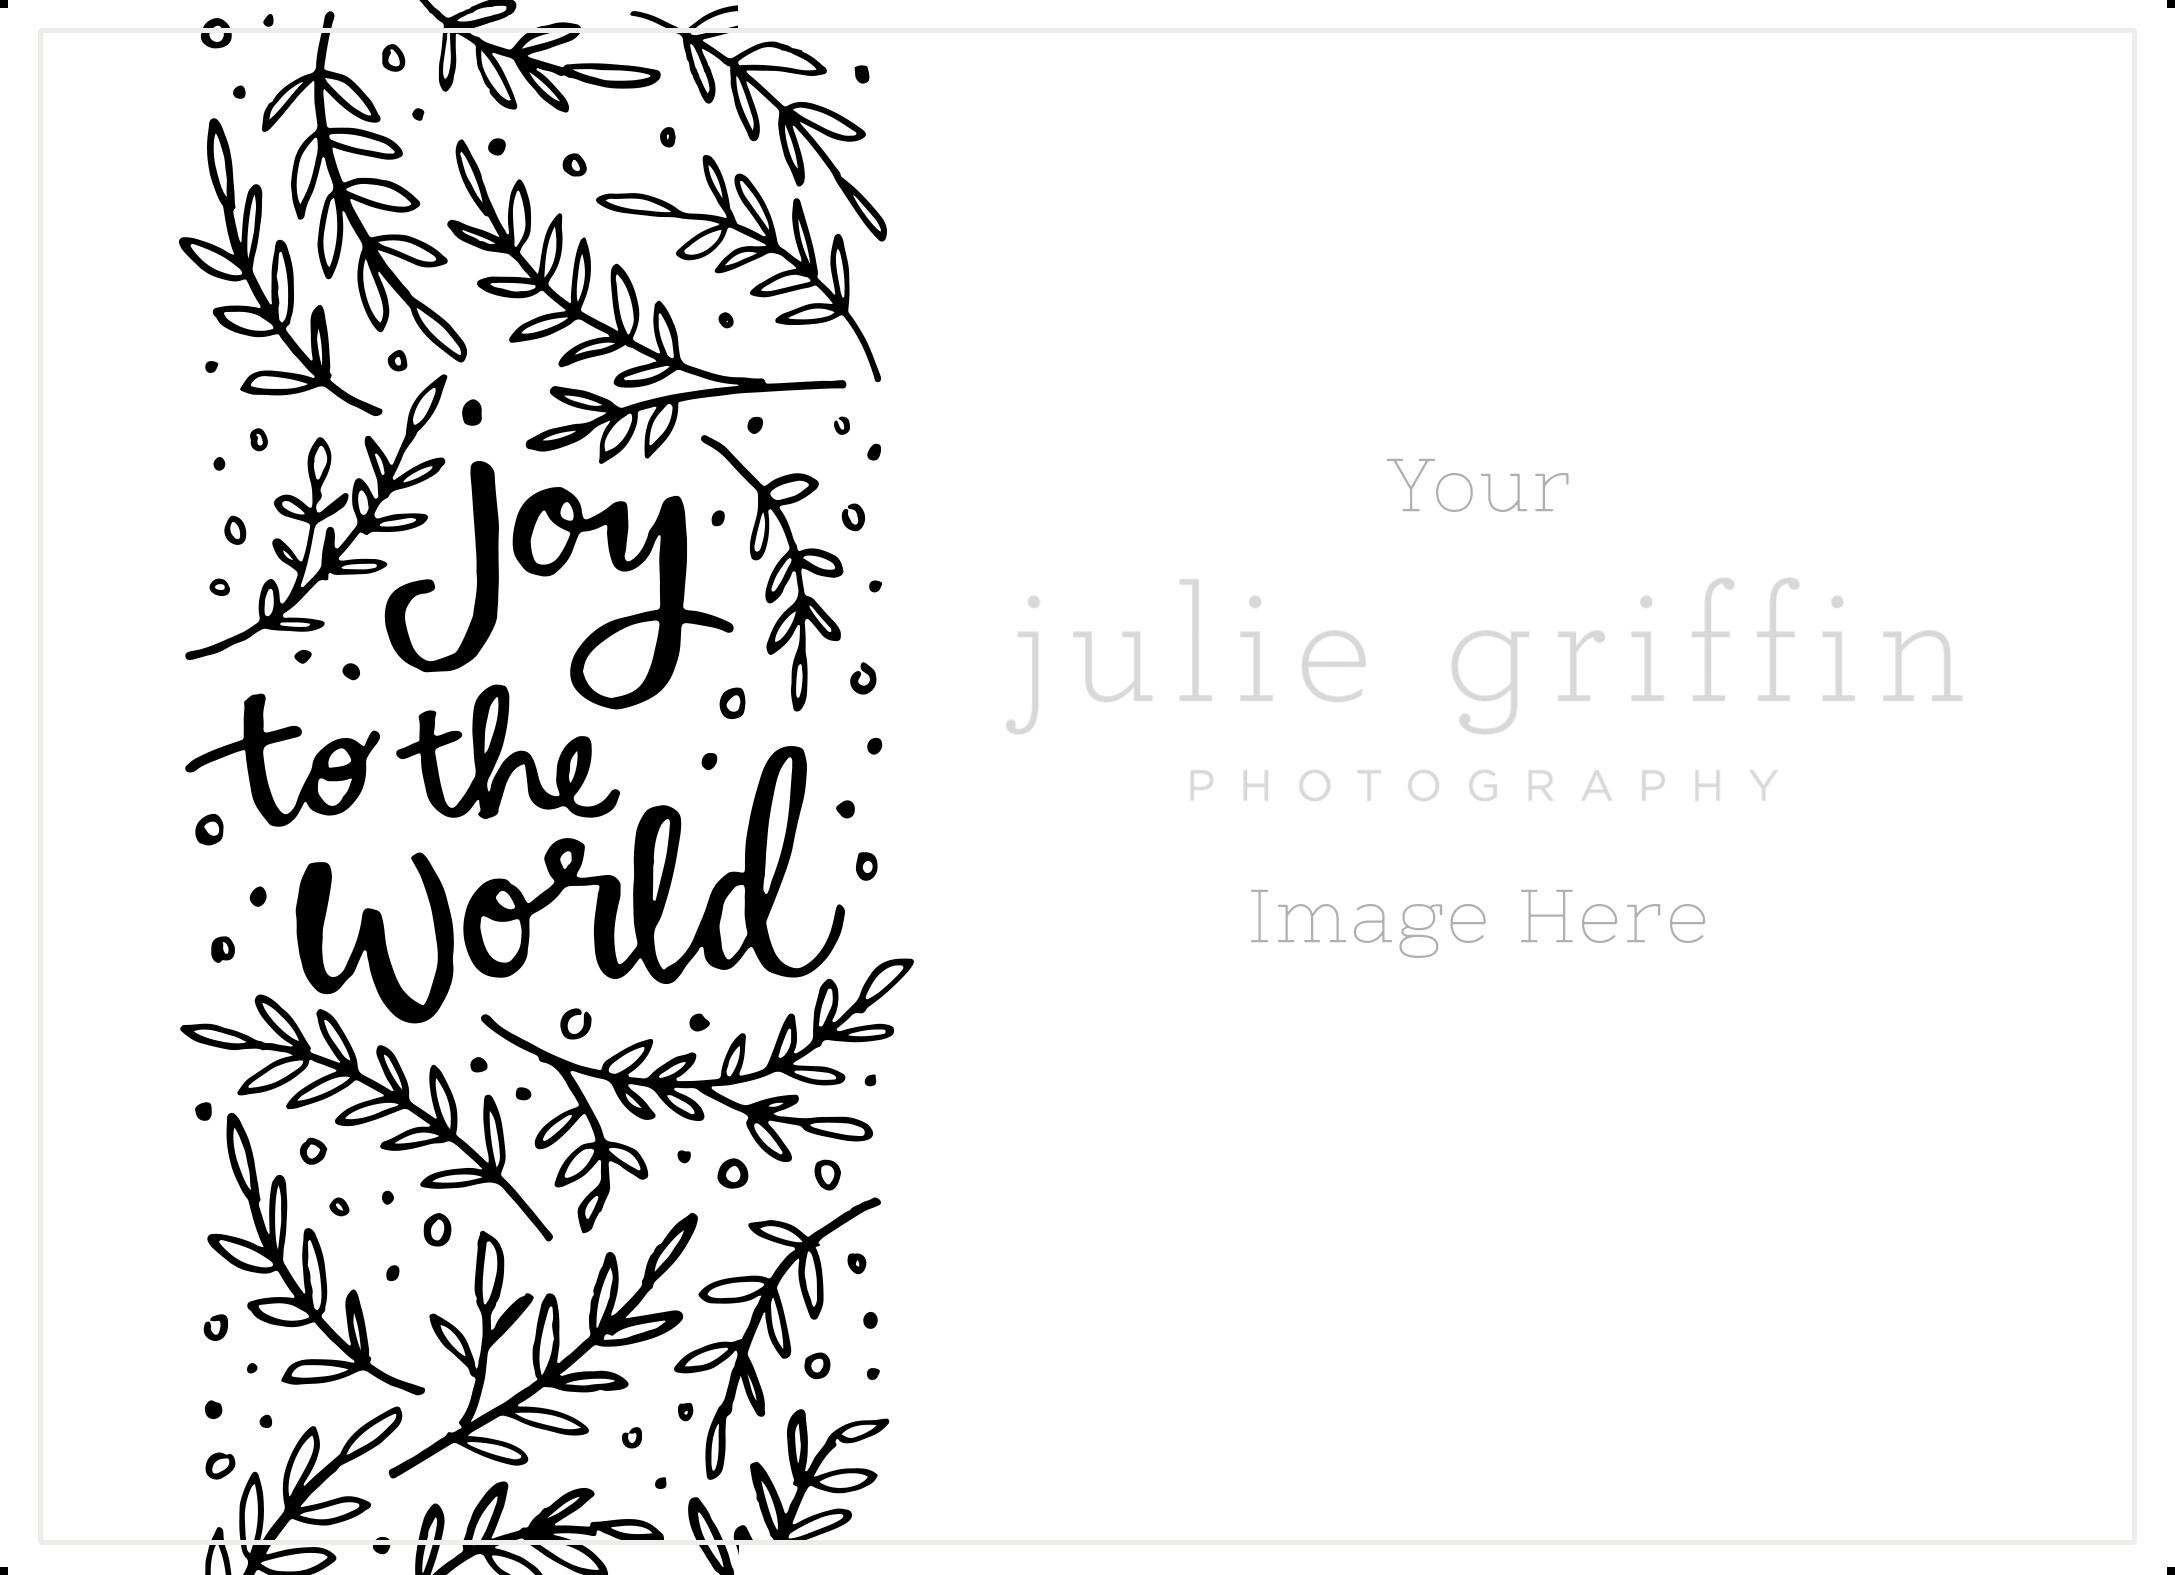 JGPDesign04-JoyToWorld.jpg